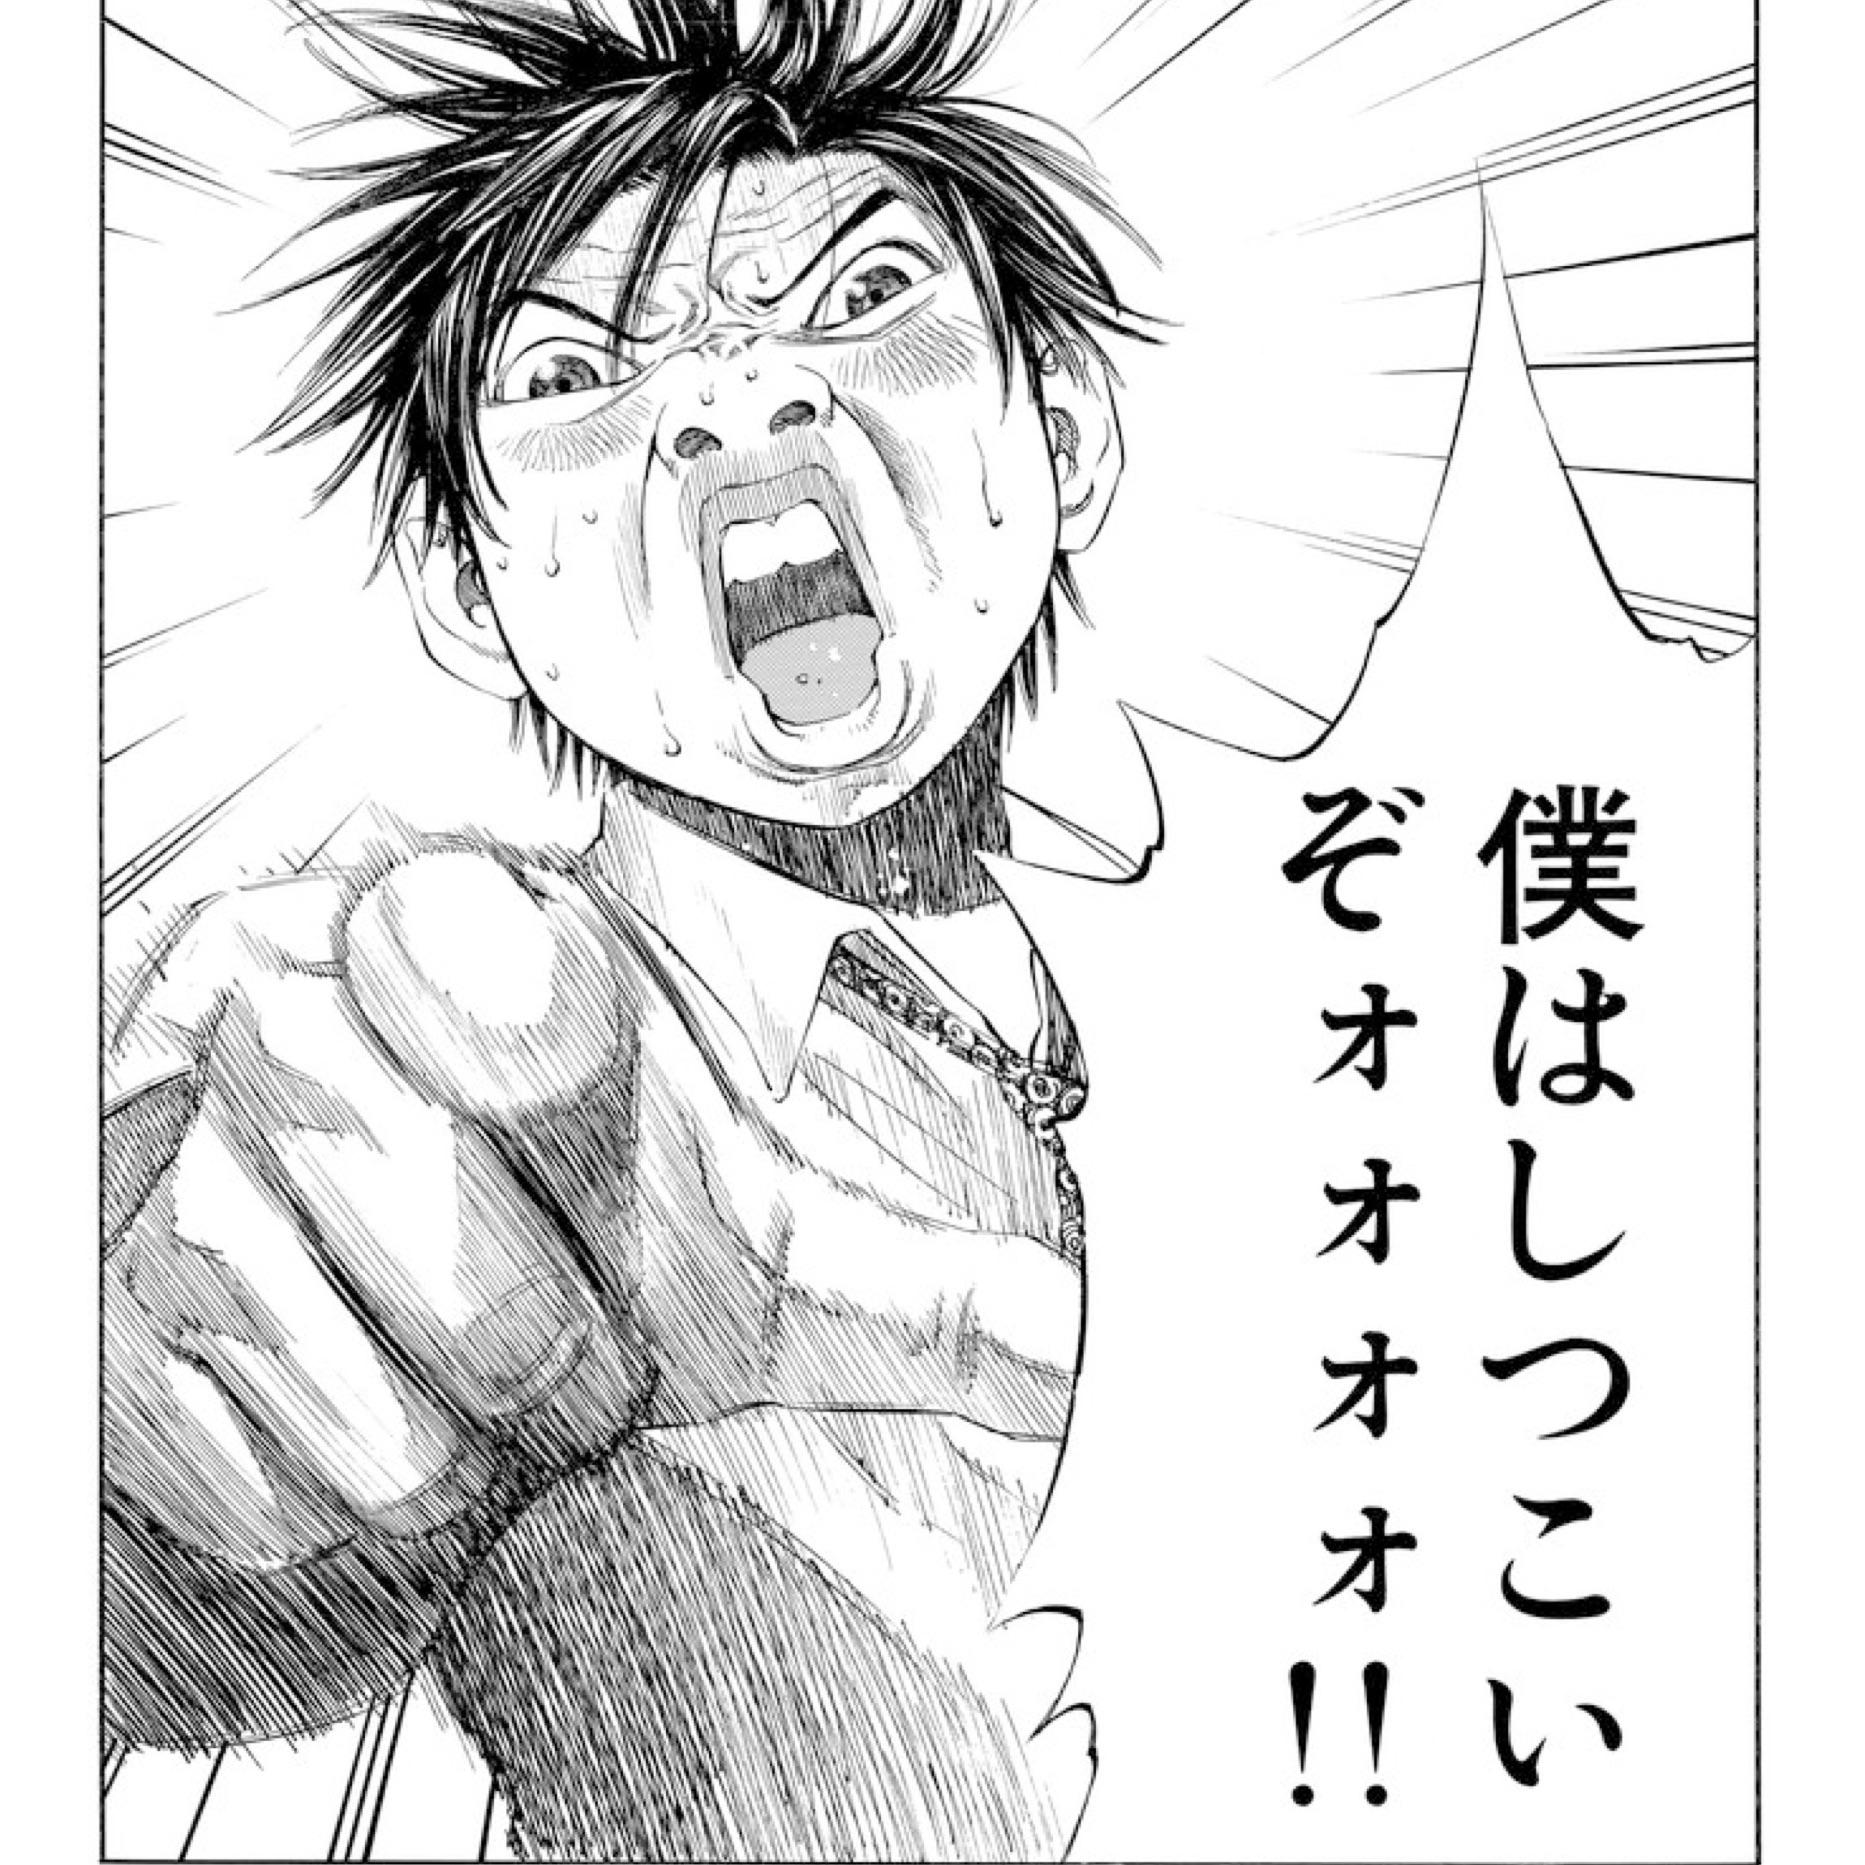 tibf-shuho_sato